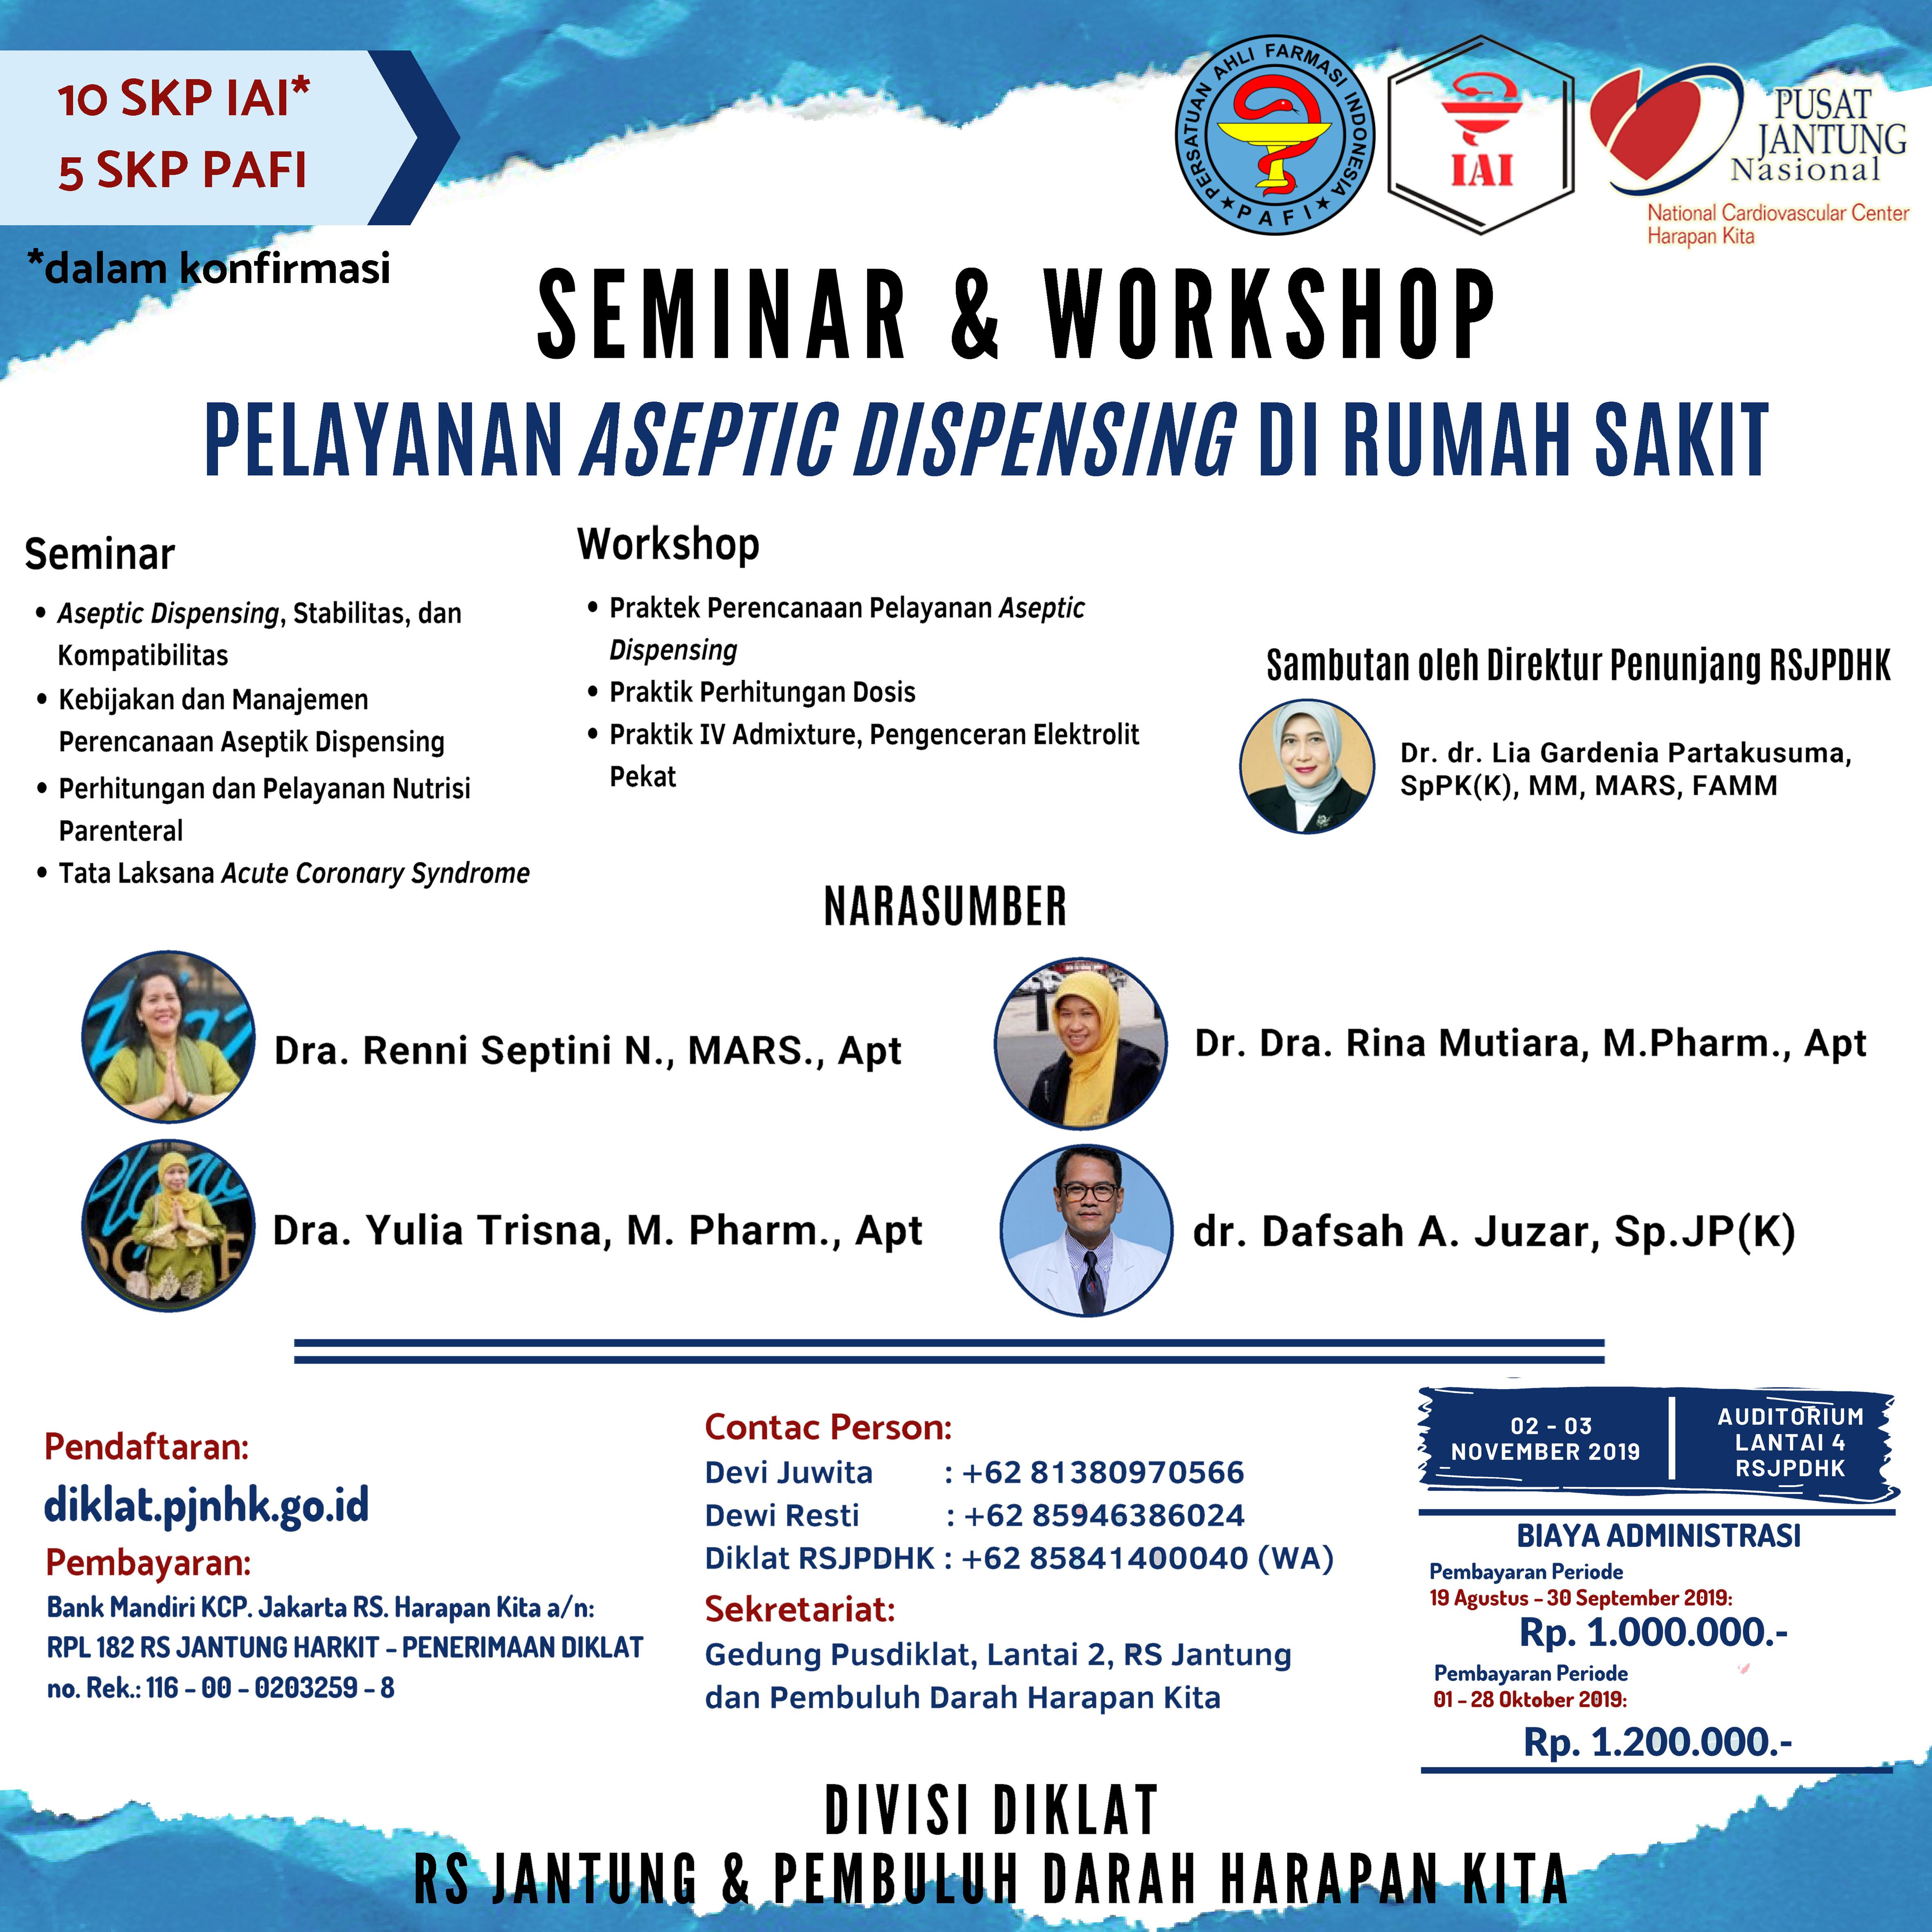 Seminar dan Workshop Pelayanan Aseptic Dispensing Di Rumah Sakit